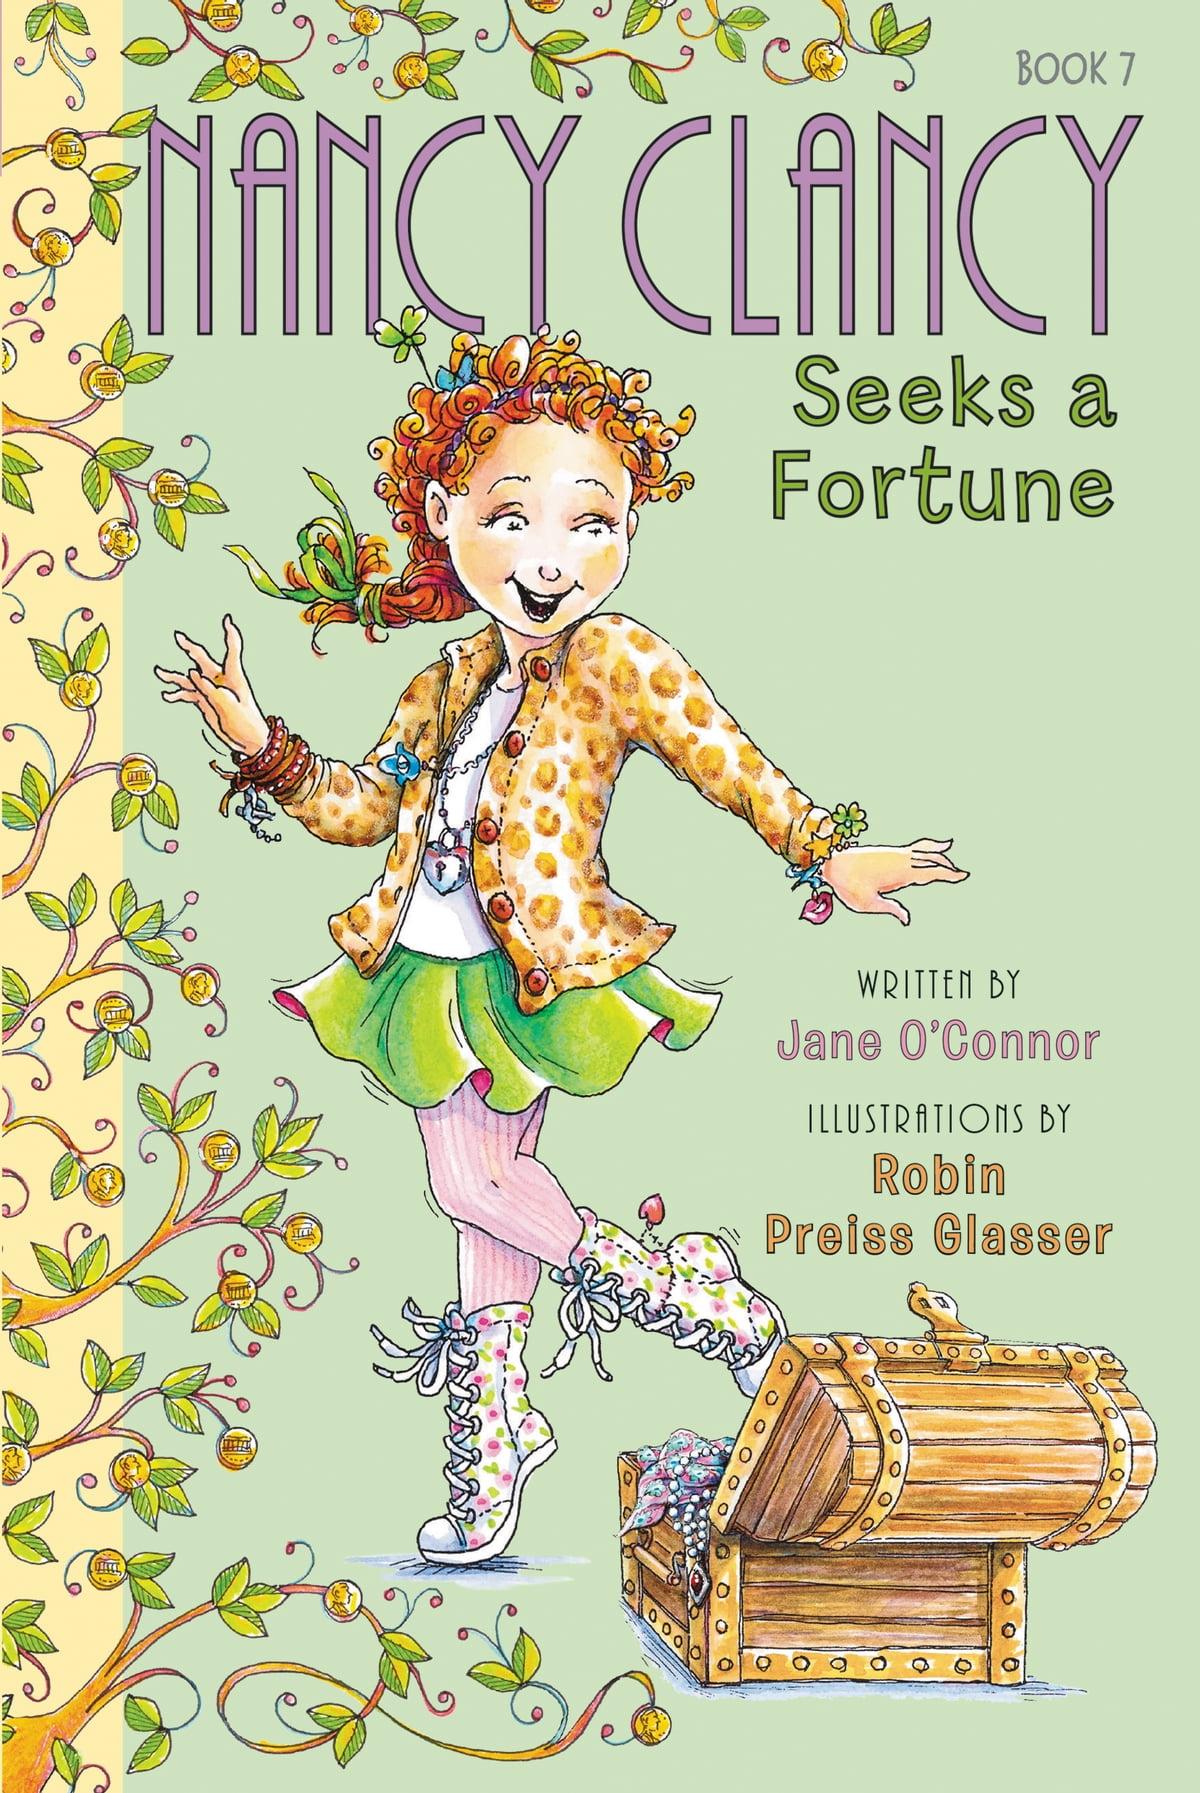 Fancy Nancy: Nancy Clancy Seeks a Fortune eBook by Jane O'Connor - 9780062269713 | Rakuten Kobo